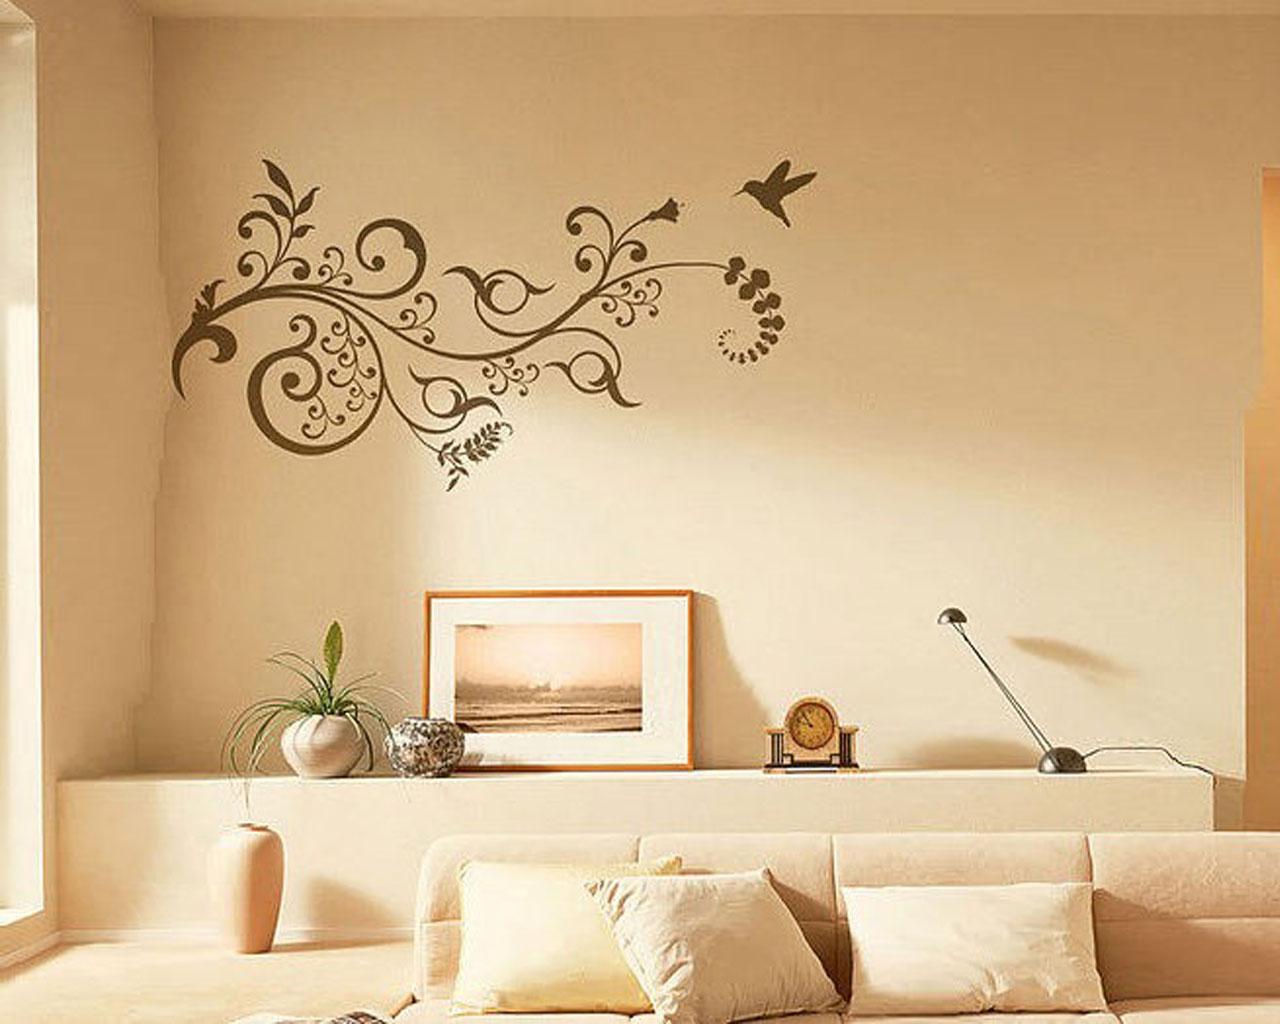 Узоры на стенах в зале фото